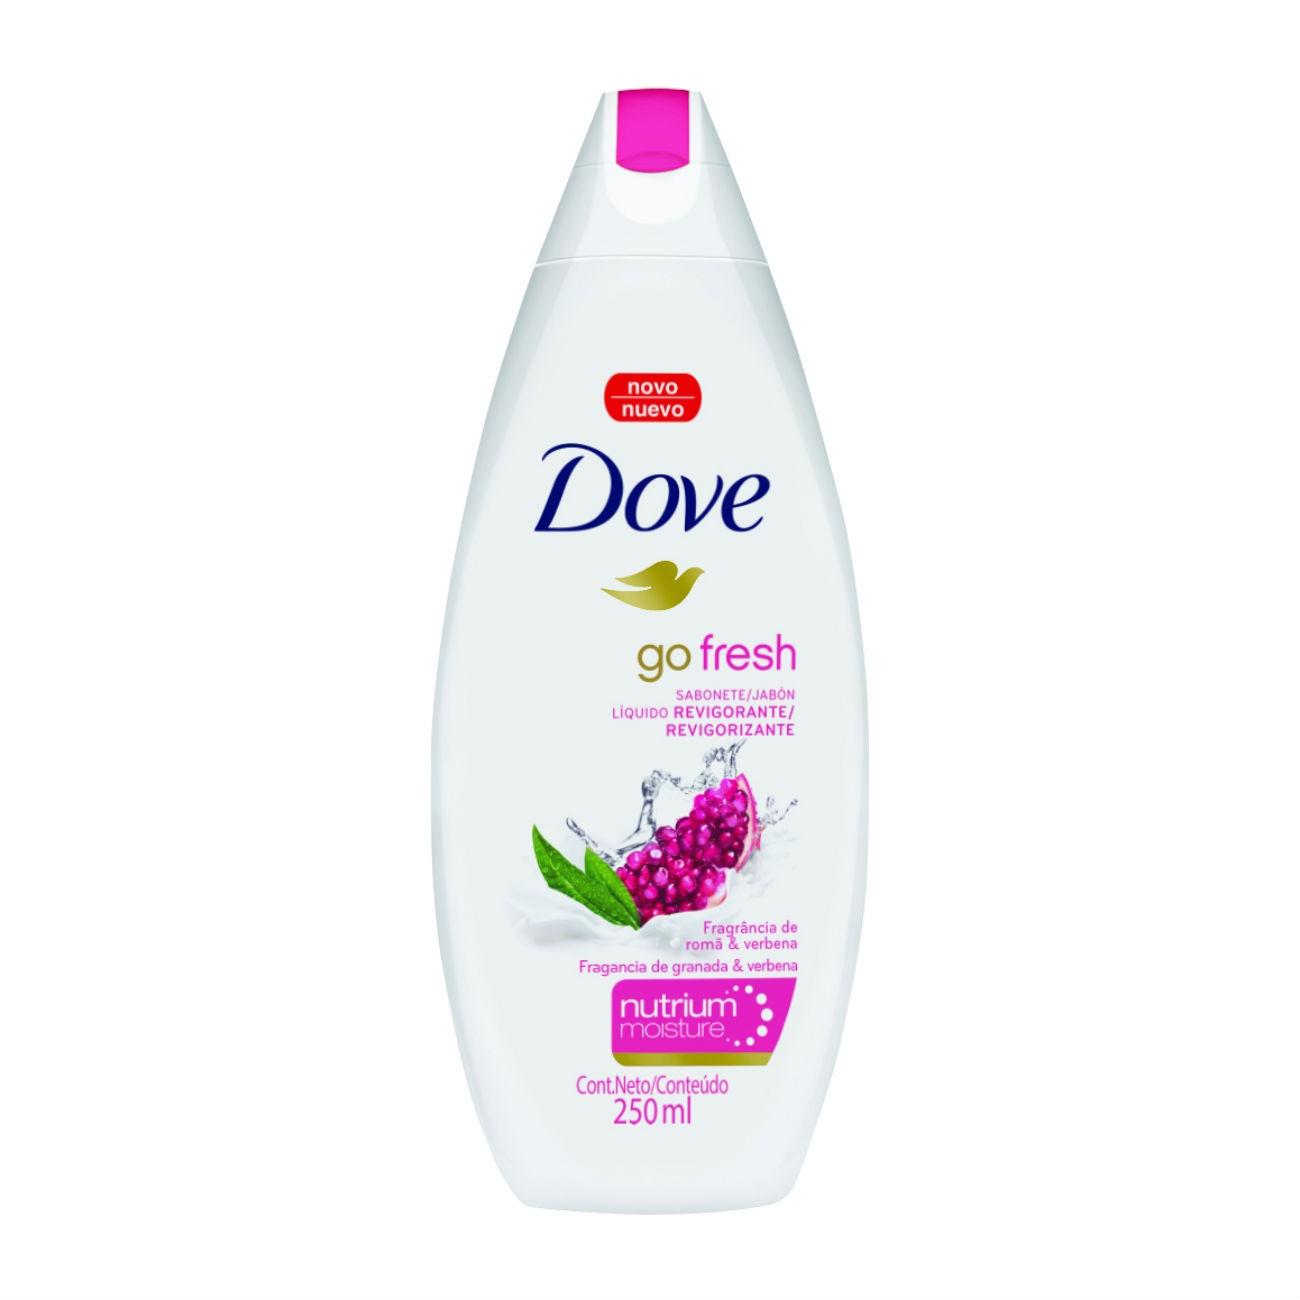 Sabonete Líquido Dove Go Fresh Revigorante 250ml